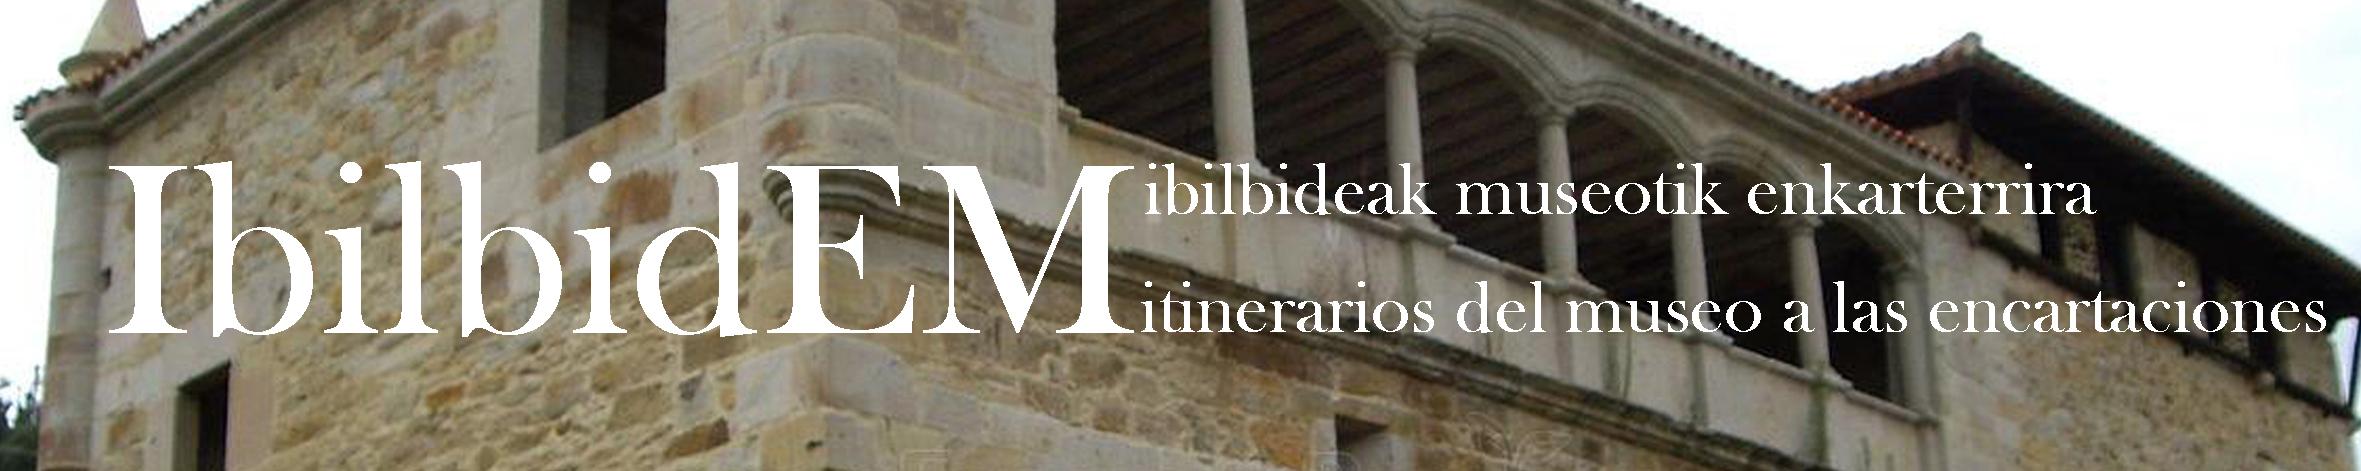 Conoce el Museo y Las Encartaciones